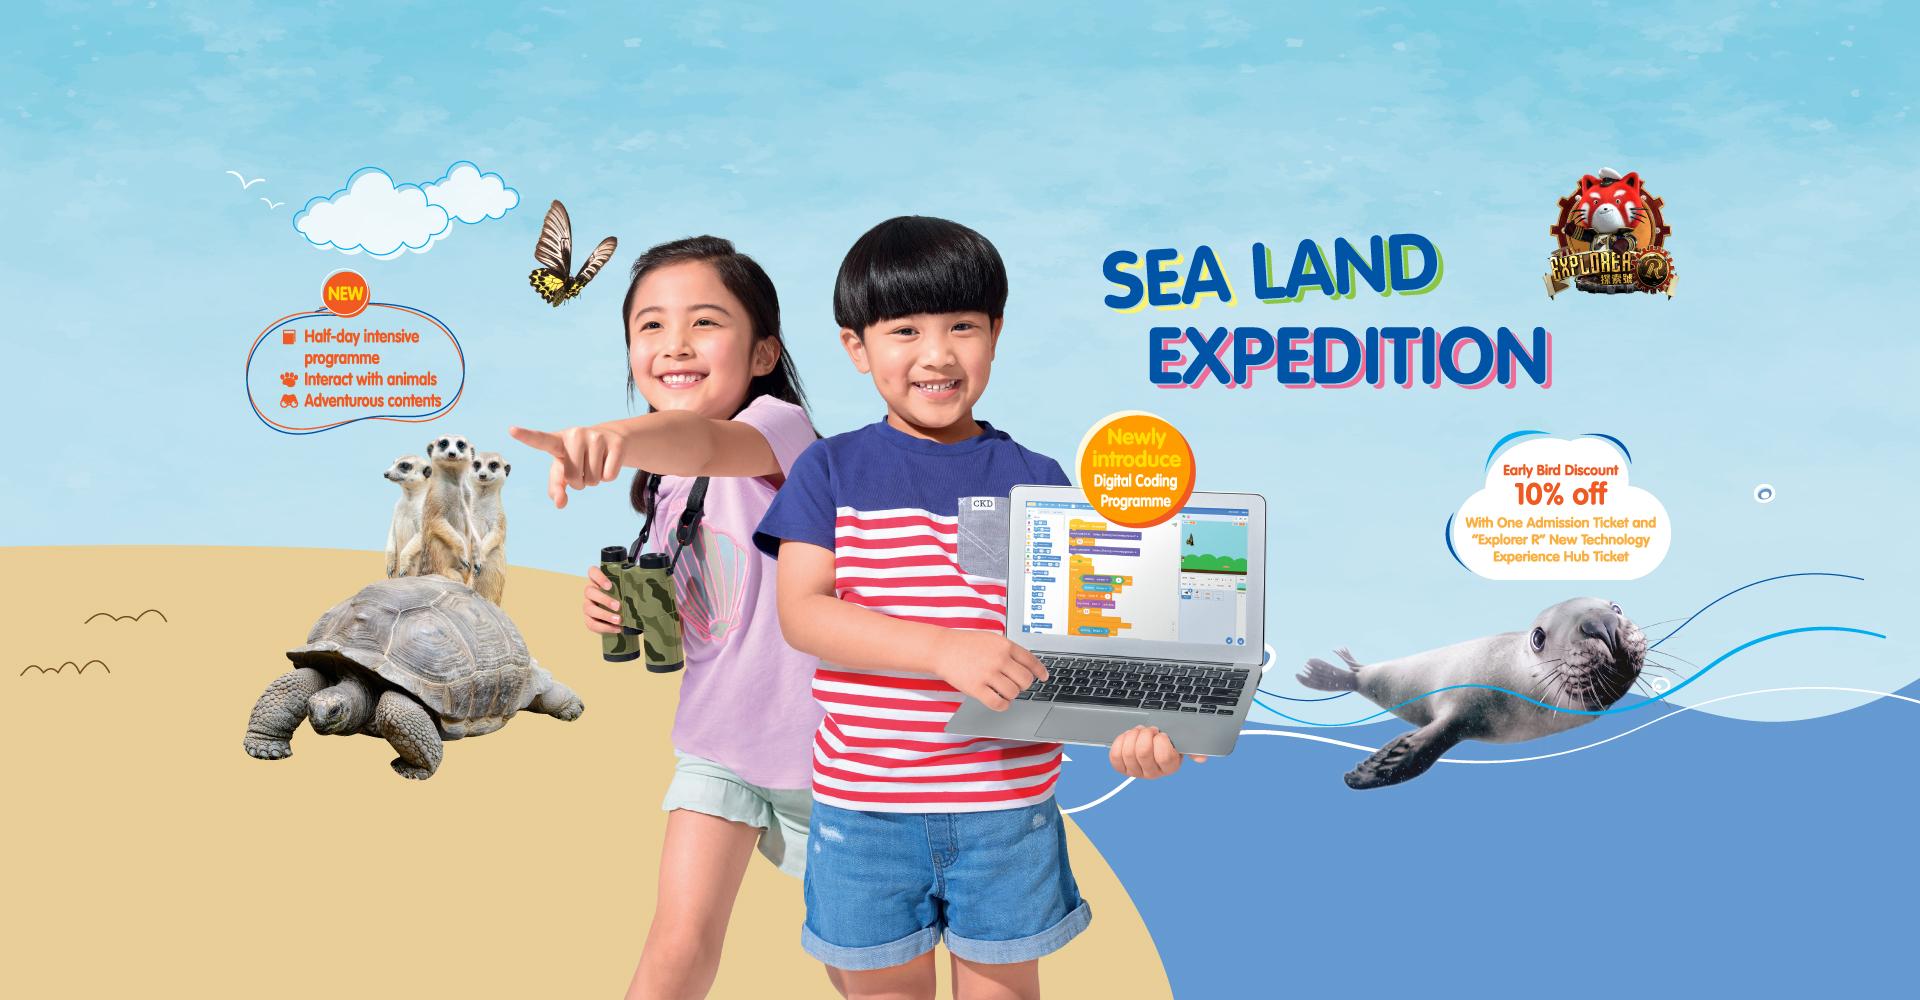 https://media.oceanpark.com.hk/files/s3fs-public/op-summercamp-inside-desktop-en.jpg